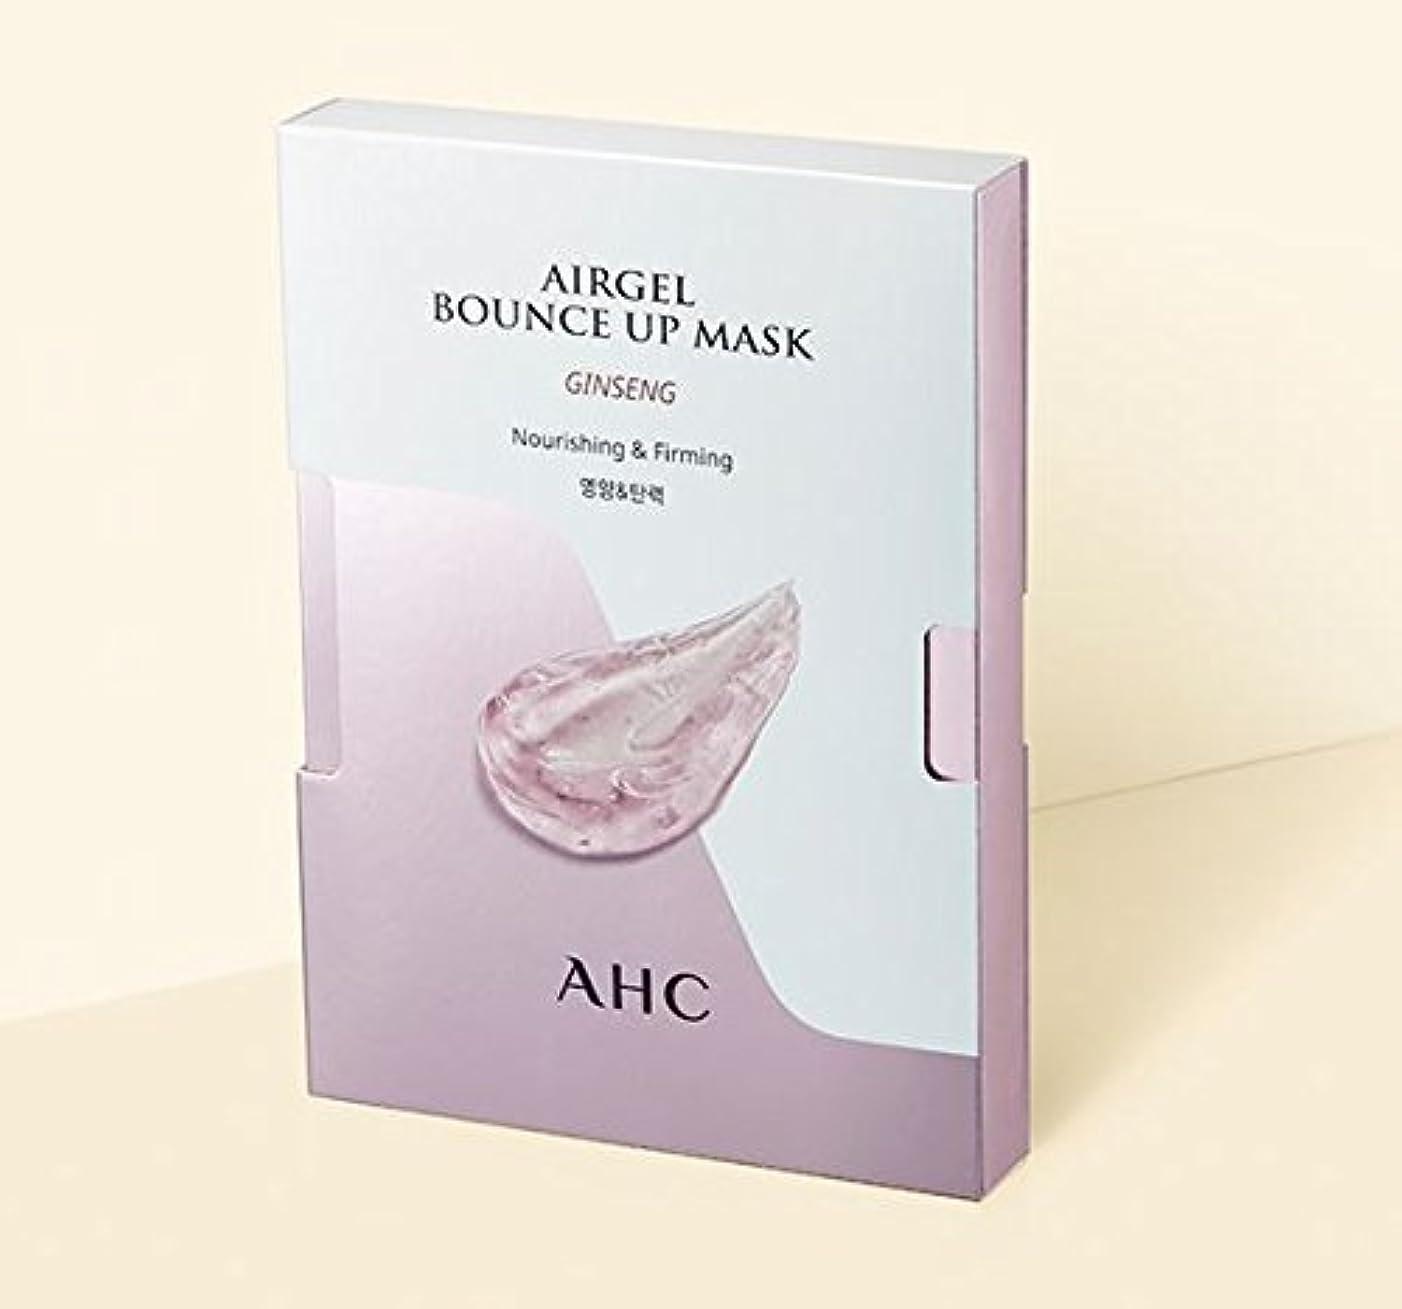 周術期発信誤って[A.H.C] Airgel Bounce Up Mask GINSENG (Nourishing&Firming)30g*5sheet/ジンセンエアゲルマスク30g*5枚 [並行輸入品]